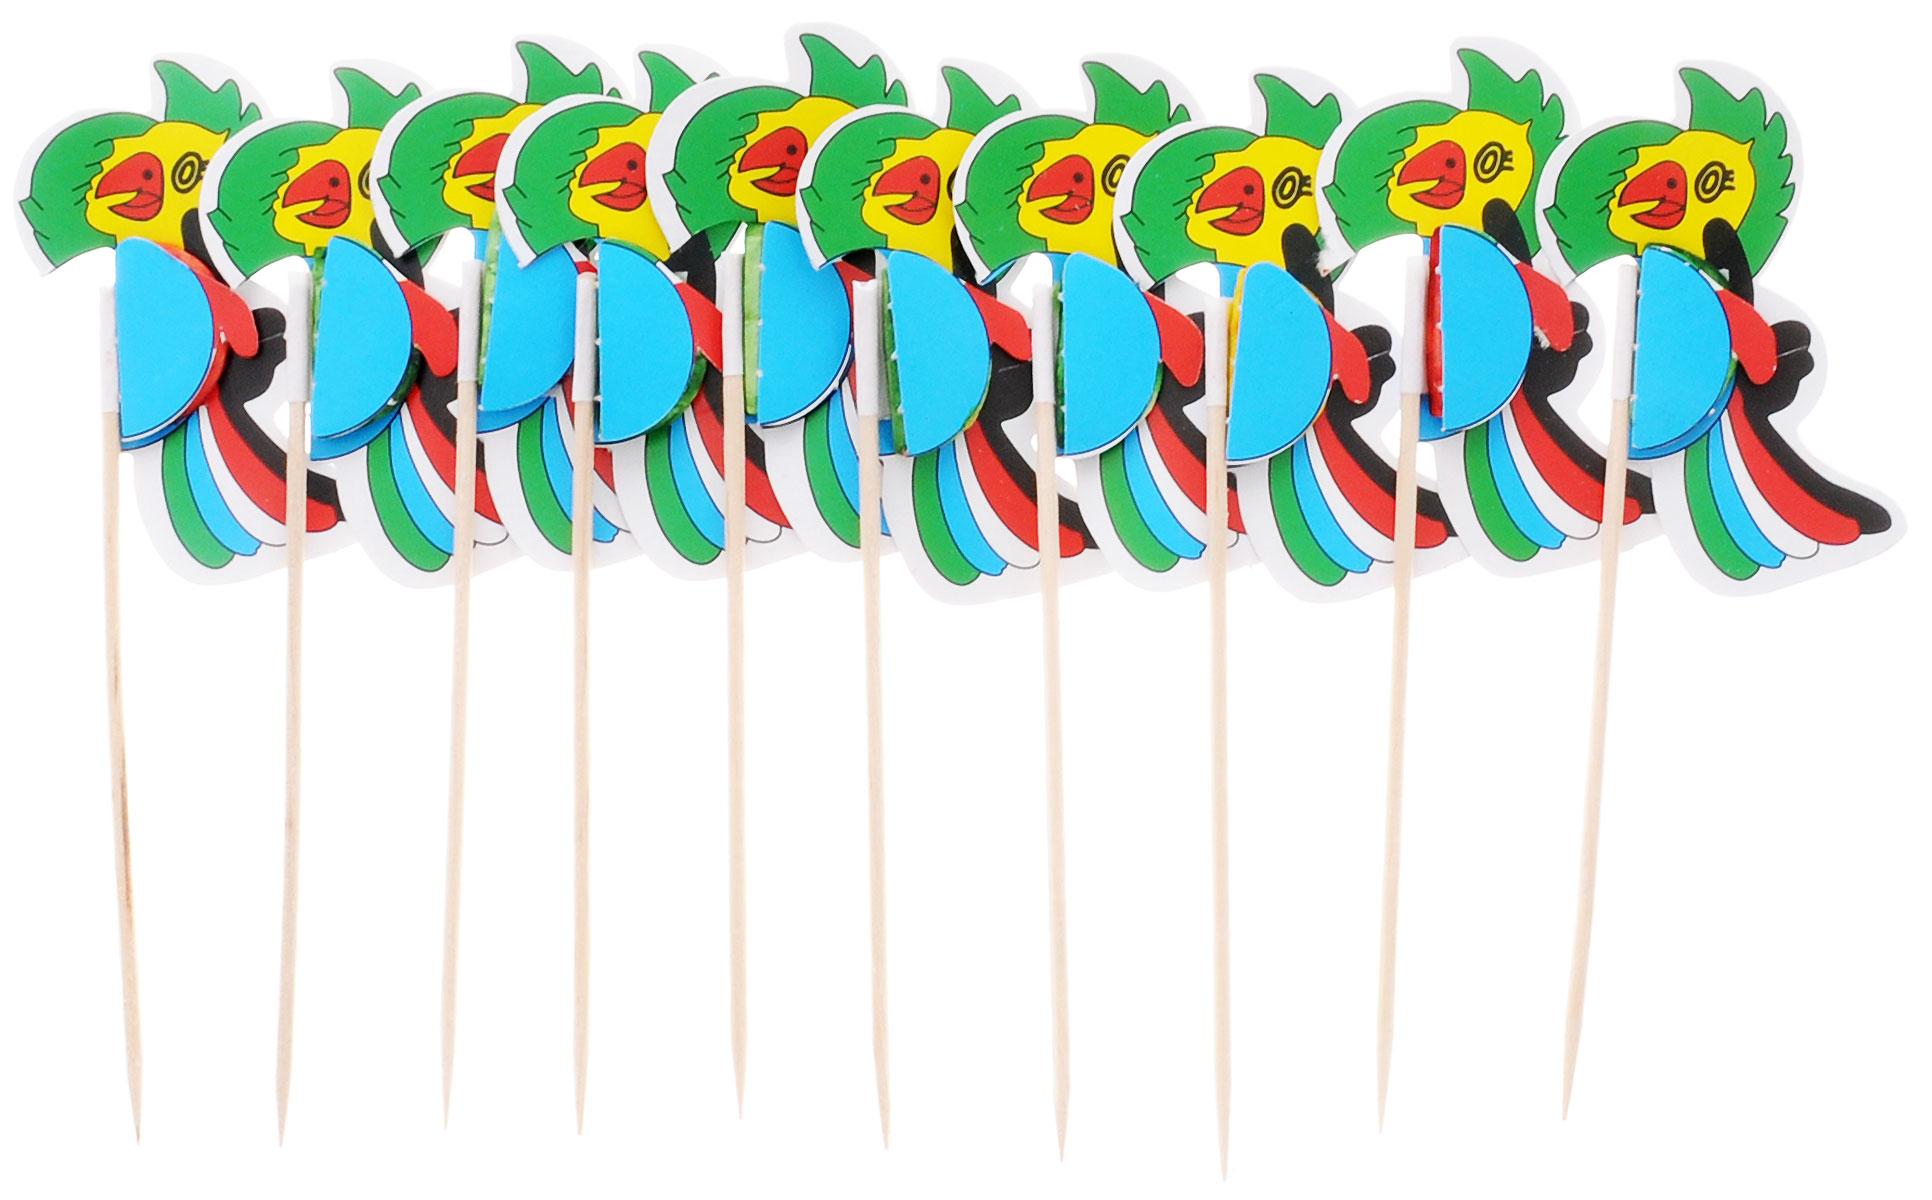 Action! Шпажки Птицы для праздничной сервировки 10 шт